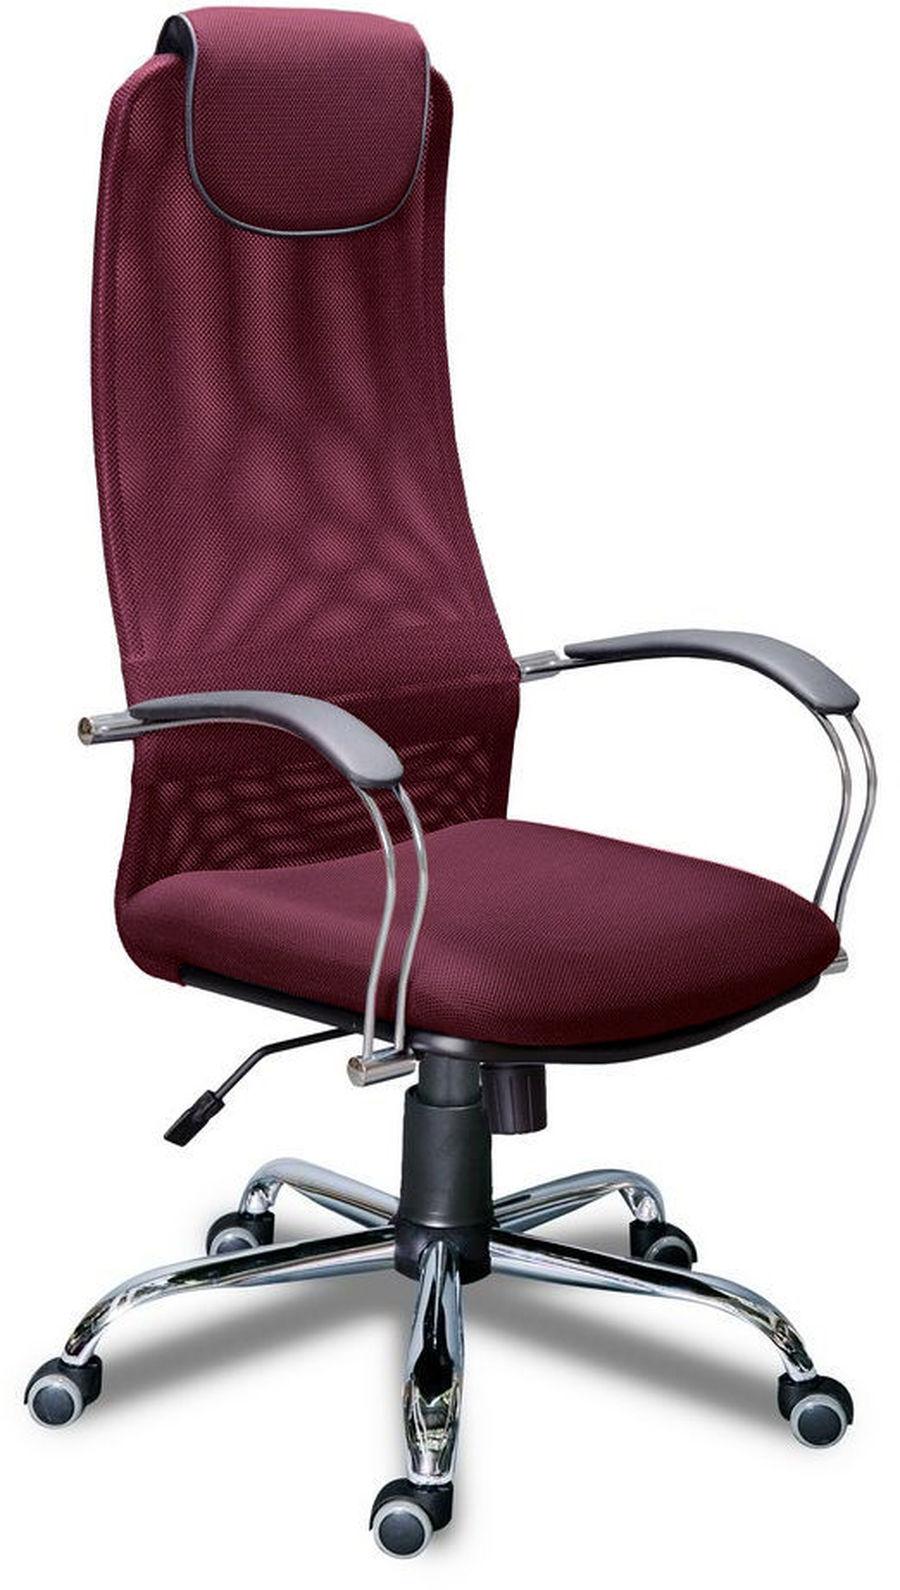 Компьютерное кресло Фокс хром/Ткань сетка бордовая